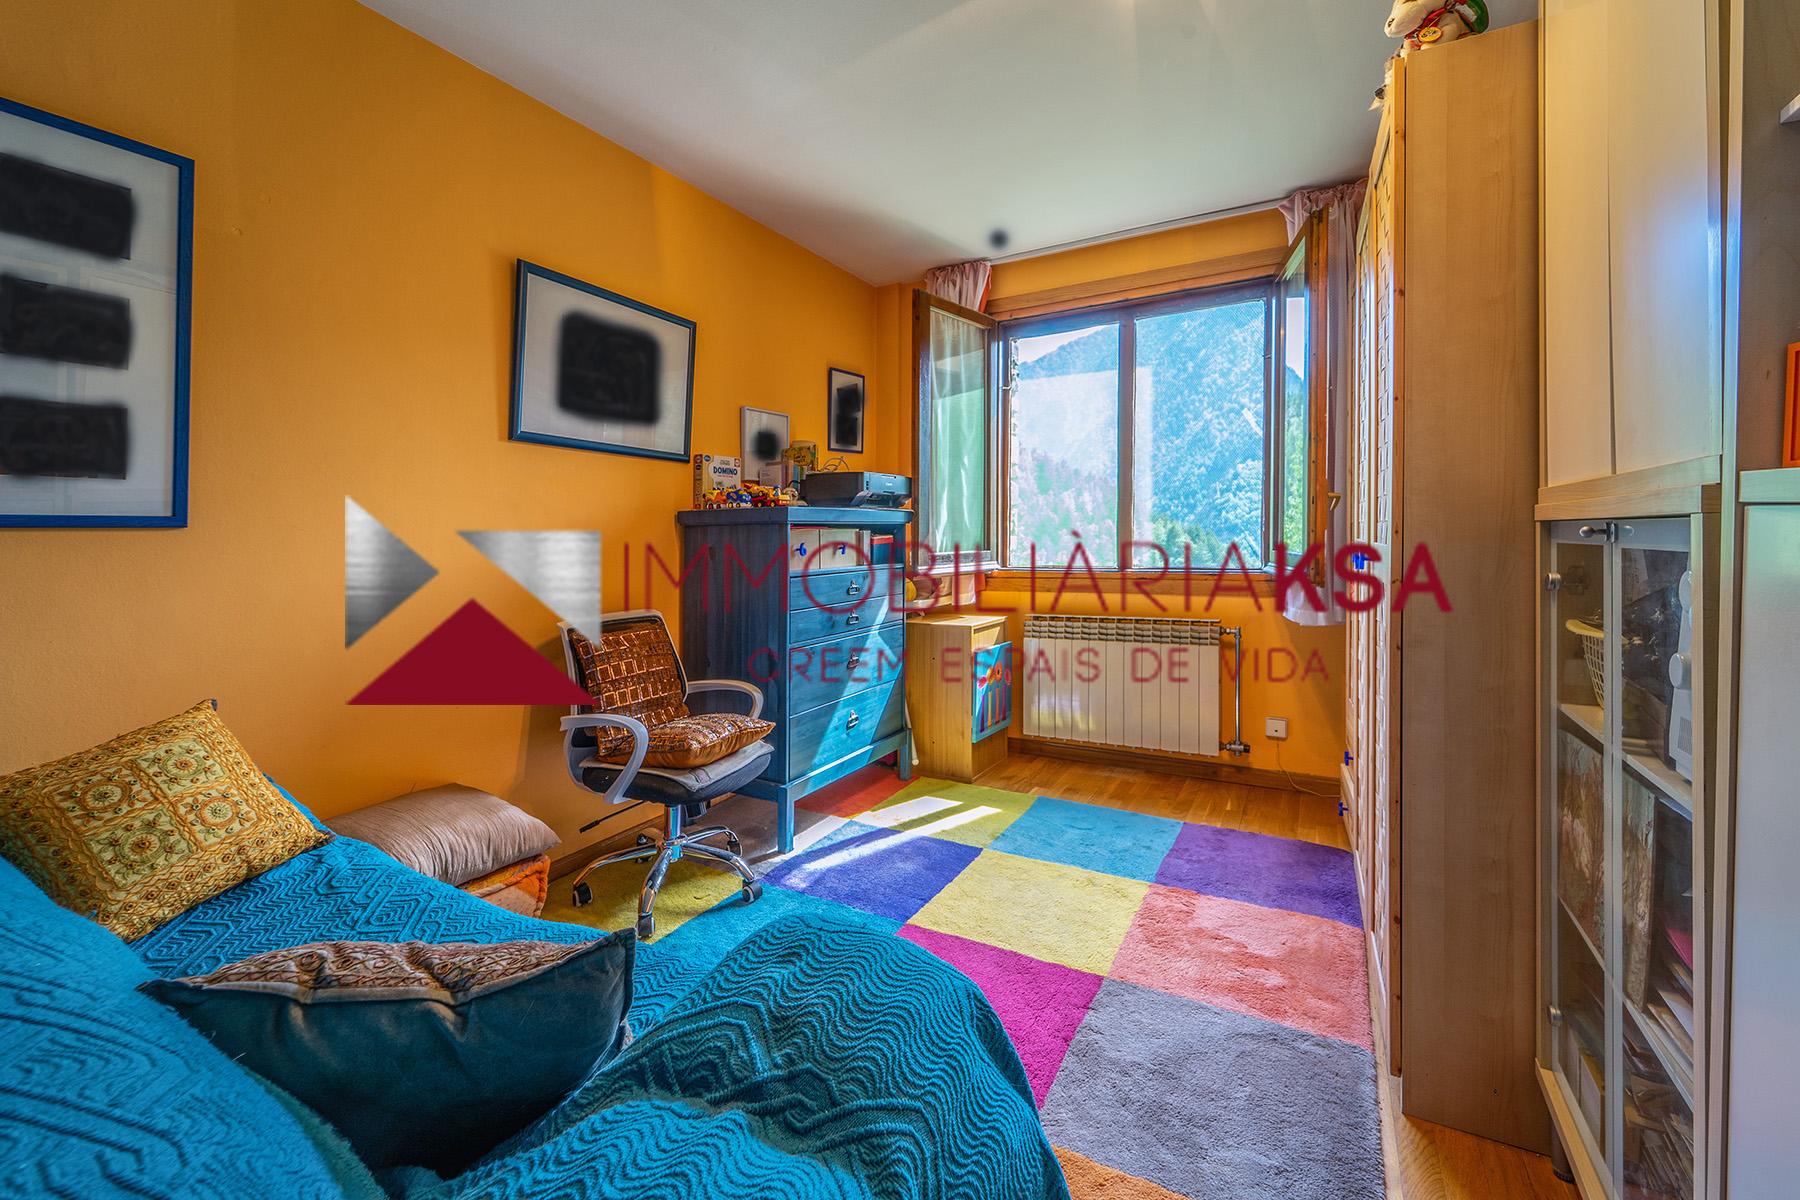 Pis en venda a Anyós, 2 habitacions, 94 metres